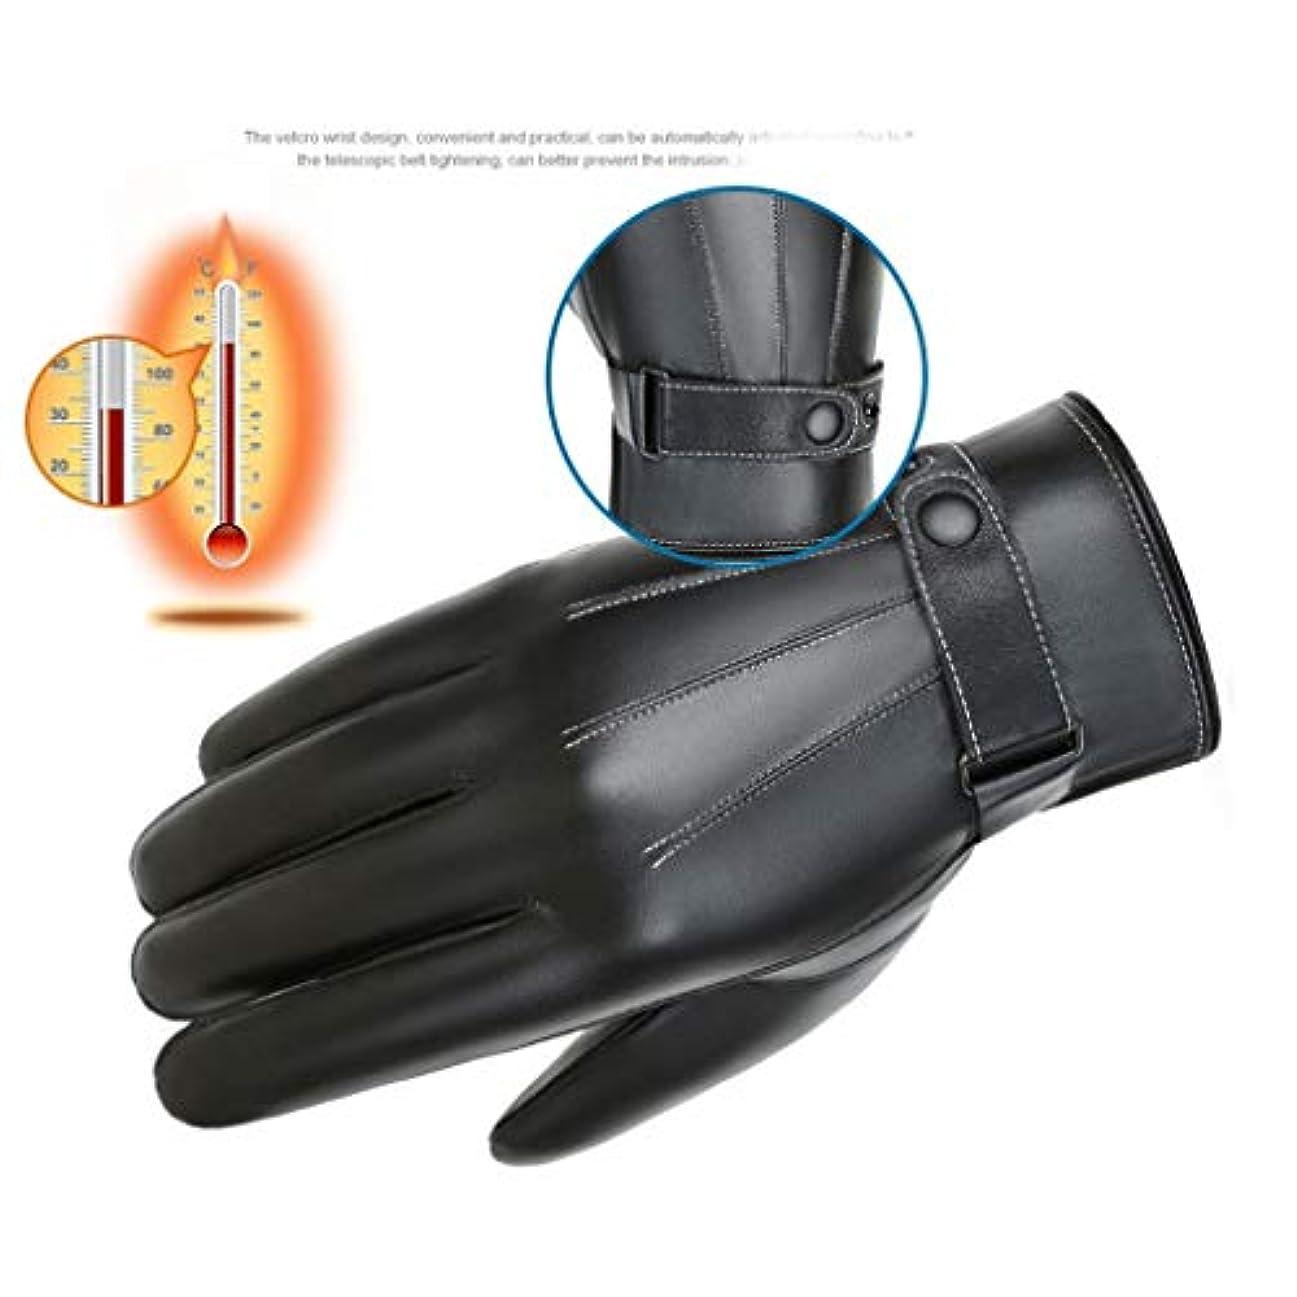 リラックスした彼女の代表団タッチスクリーンのメンズグローブ冬プラスベルベット厚い暖かい防風防水ライドバイクバイクの乗り物の手袋